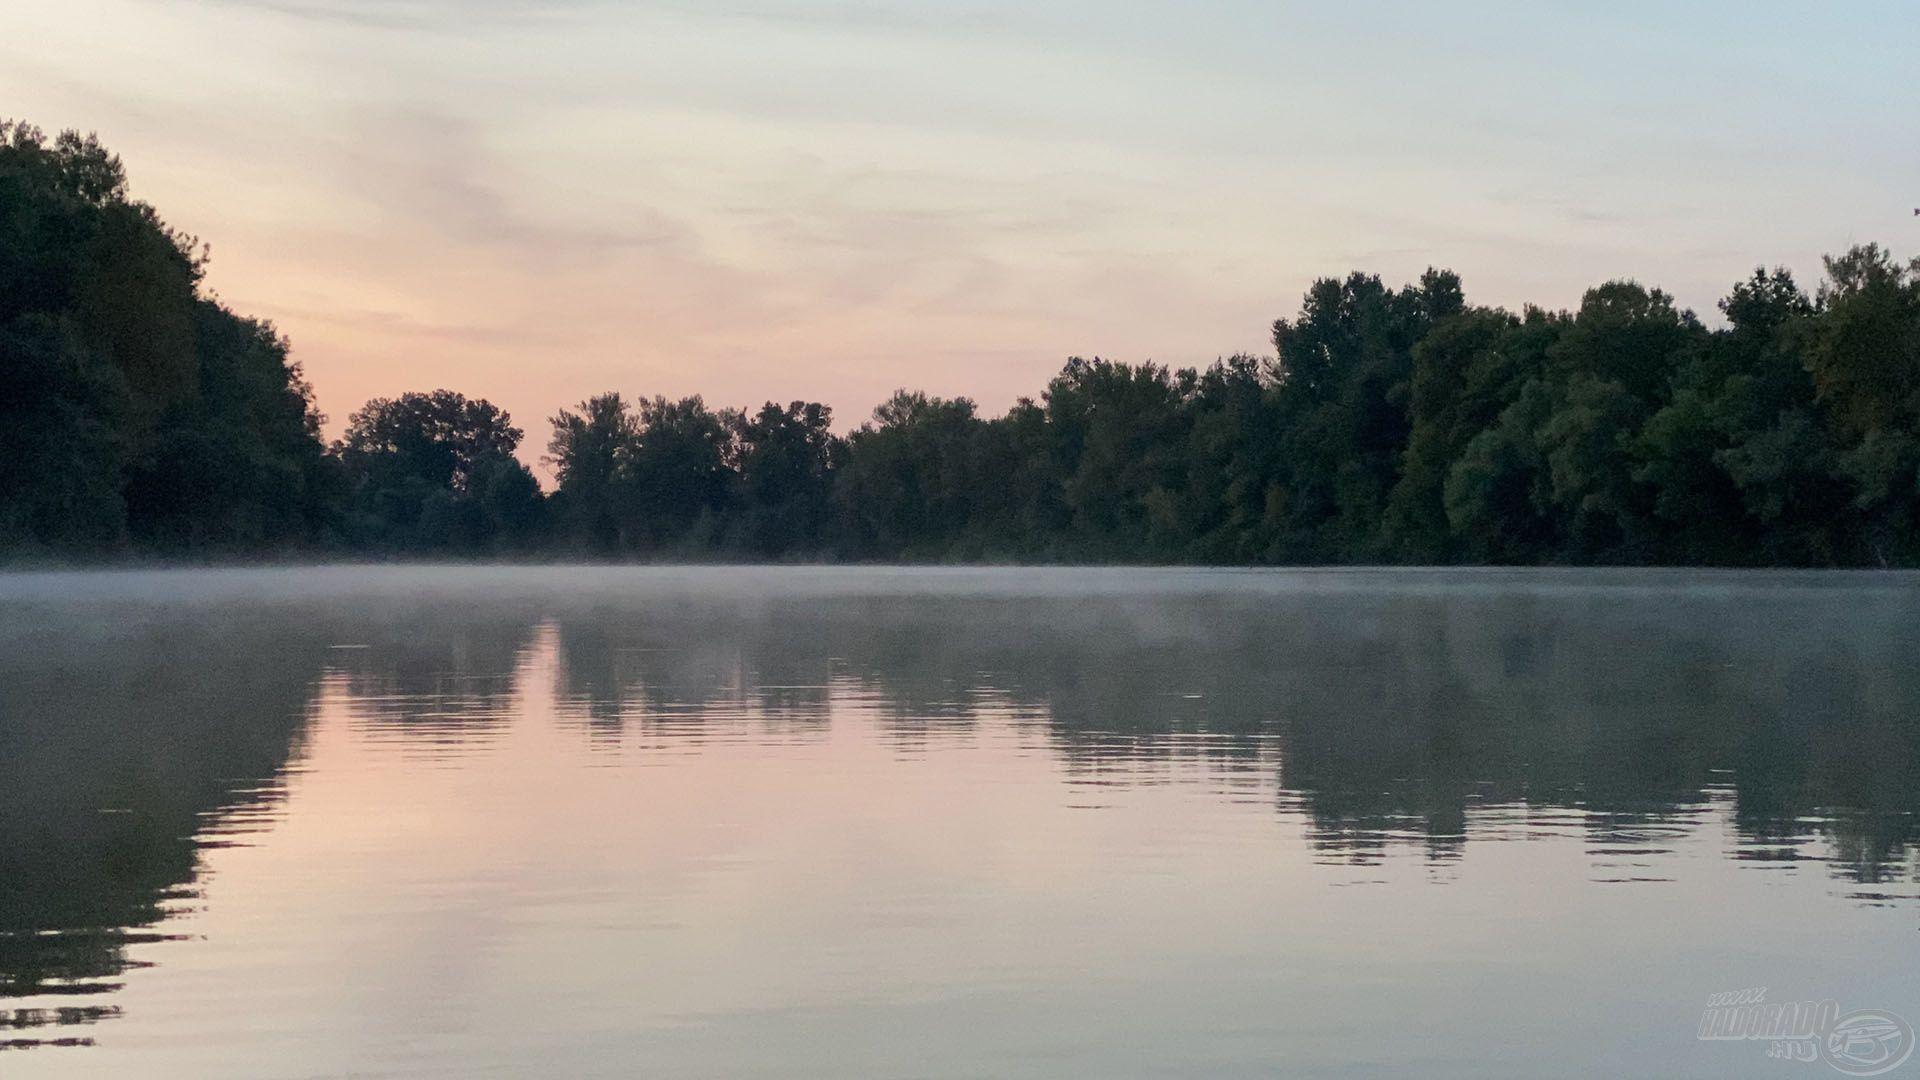 Kora reggeli pára a vízfelszín felett, aki 9-kor kel, ilyet nemigen láthat…